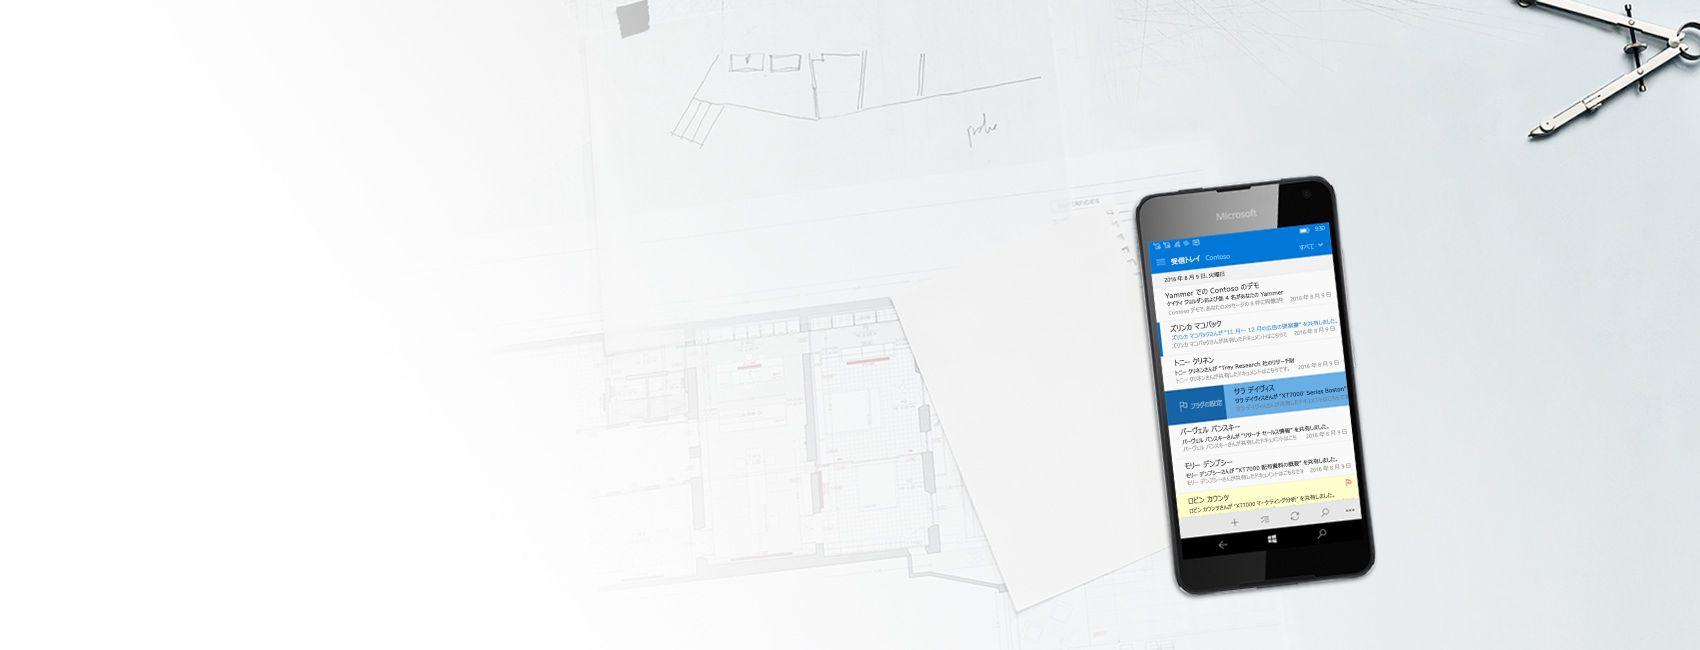 Windows スマートフォンに Windows 10 Mobile 向け Outlook のメール受信トレイが表示されています